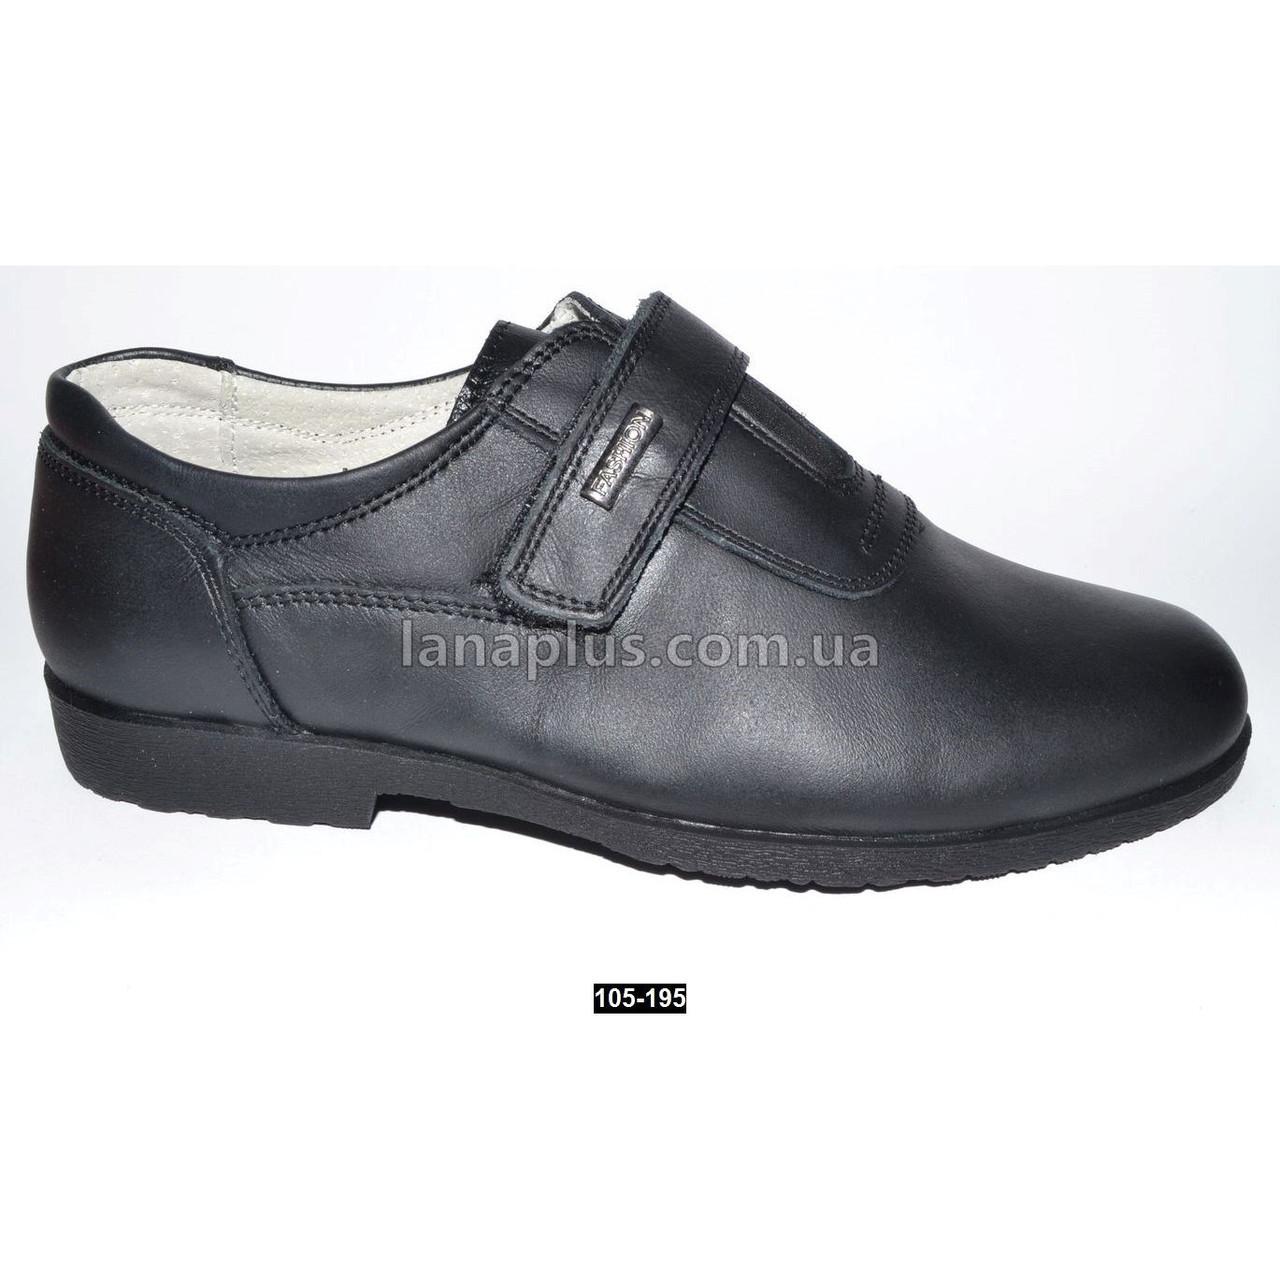 Школьные кожаные туфли для мальчика, 34 размер (22 см), кожаная стелька, супинатор